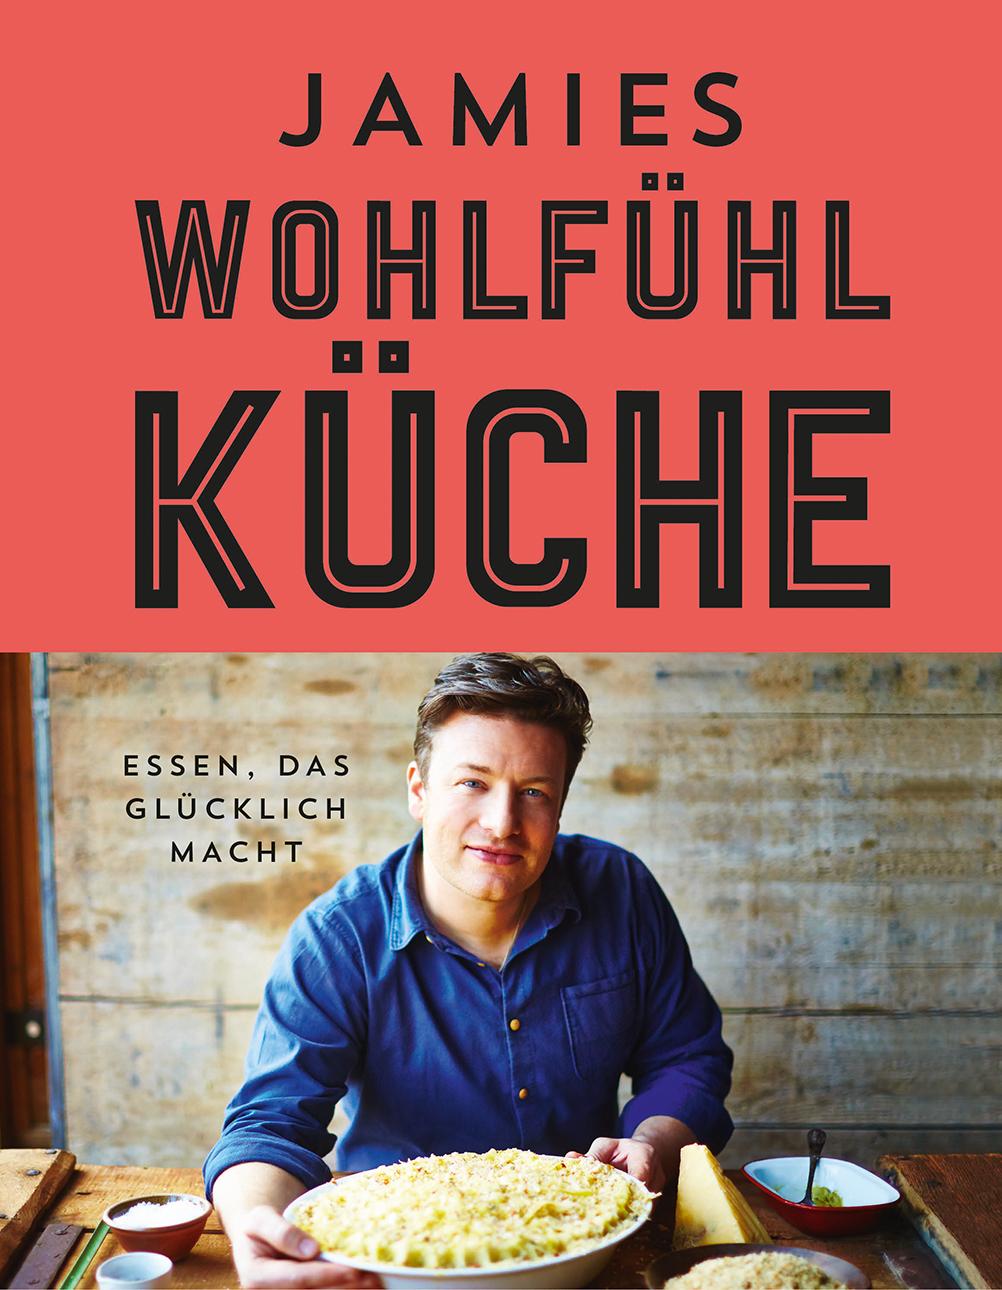 Jamies Wohlfühlküche: Essen, das glücklich macht - Jamie Oliver [Gebundene Ausgabe]